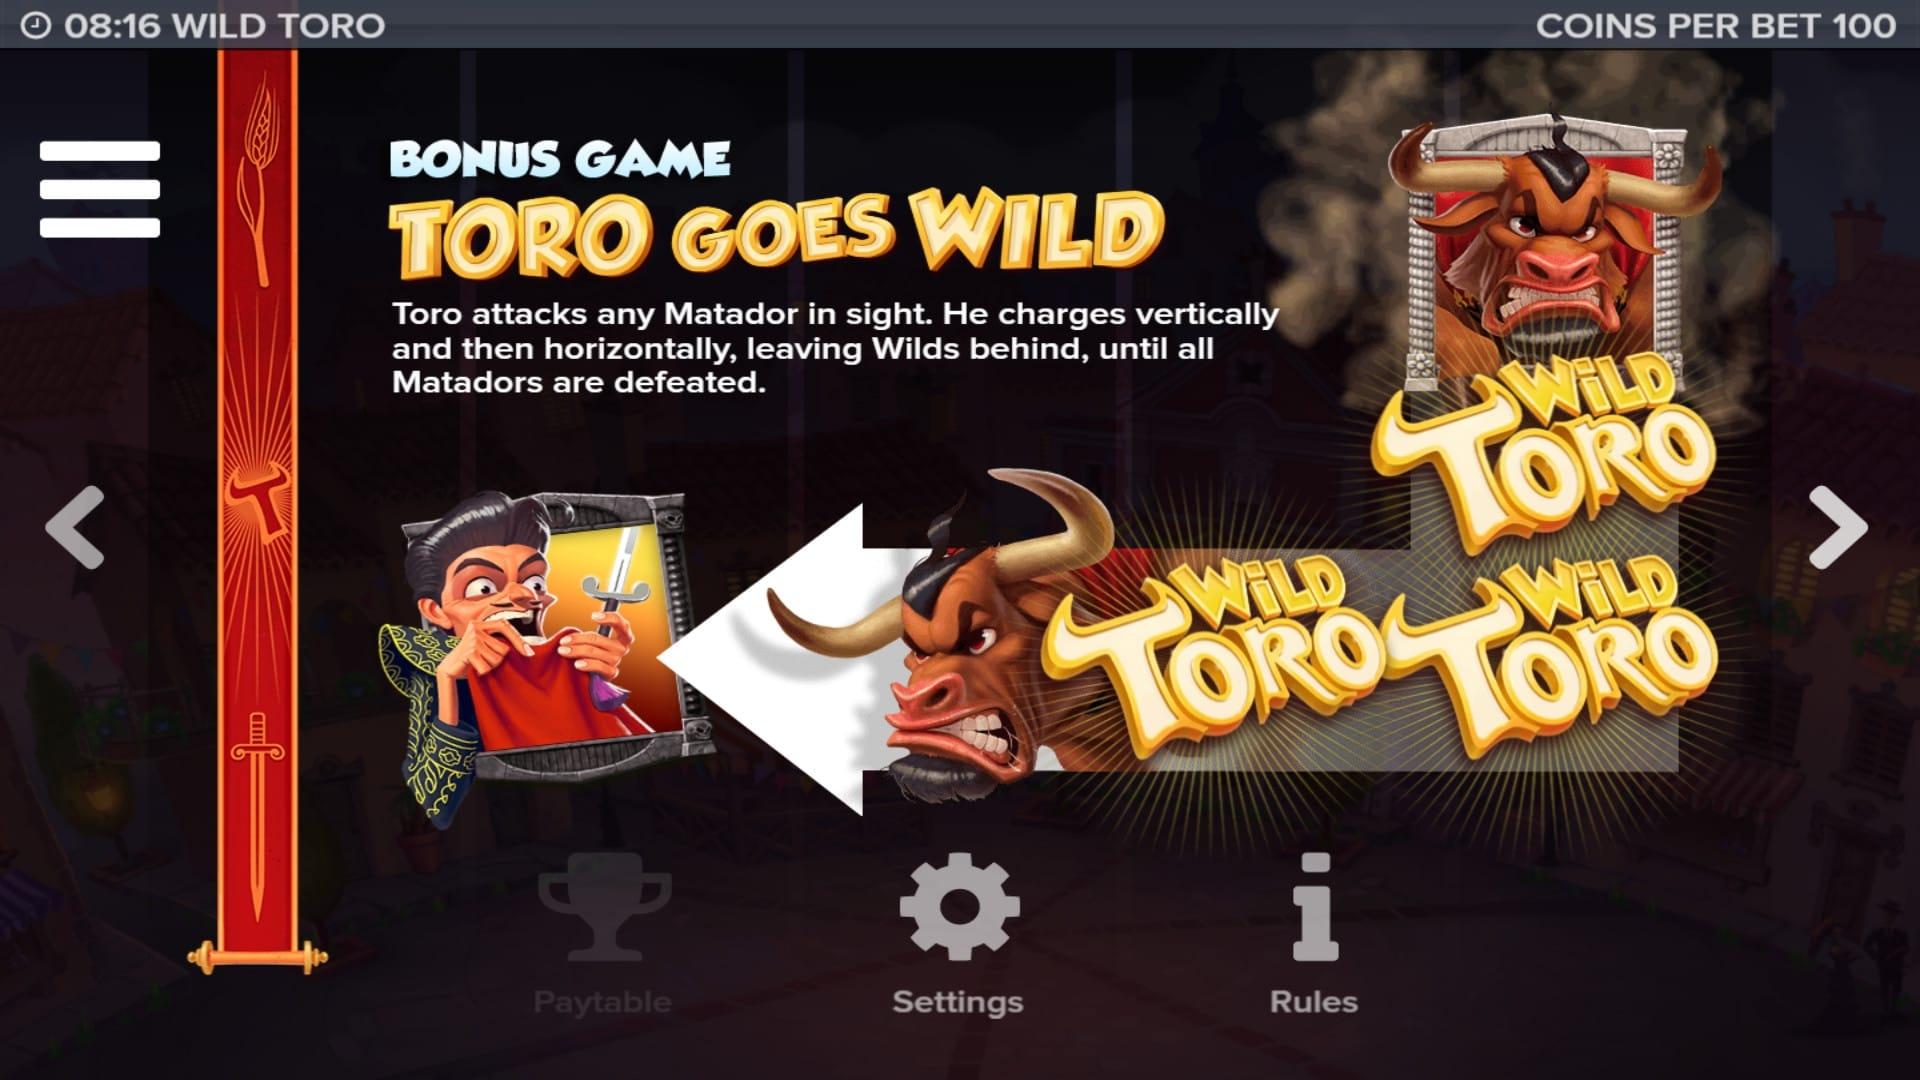 Wild Toro Wild Slot Game